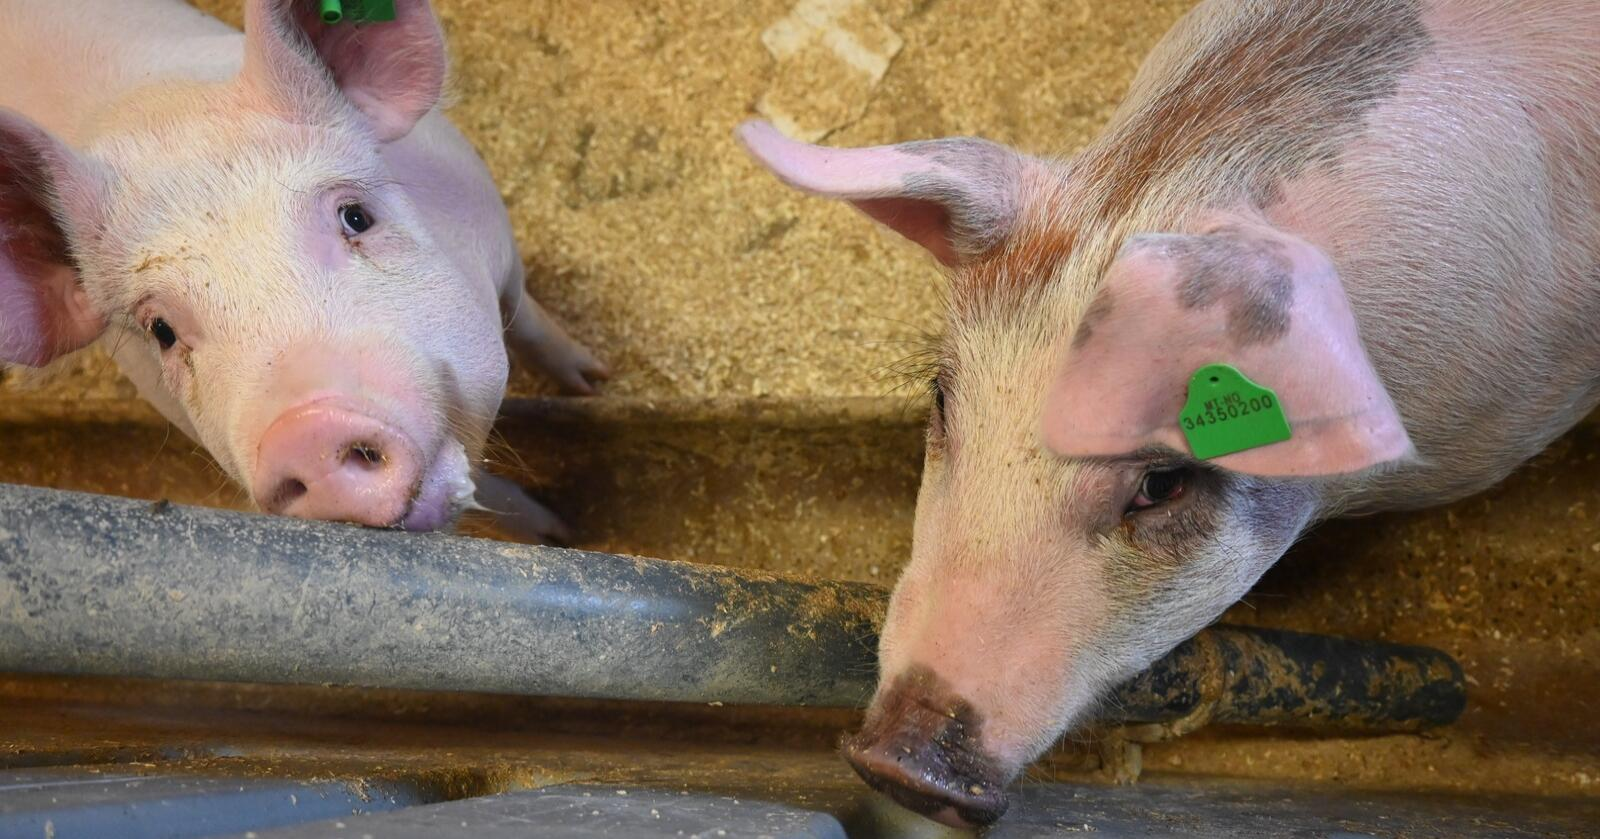 Markedsregulering: I 2018 frøs Nortura inn 3800 tonn svinekjøtt på 12 uker. Nå foreslår regjeringa ei maksgrense på 3000 tonn på et år. (Foto: Marit Glærum)